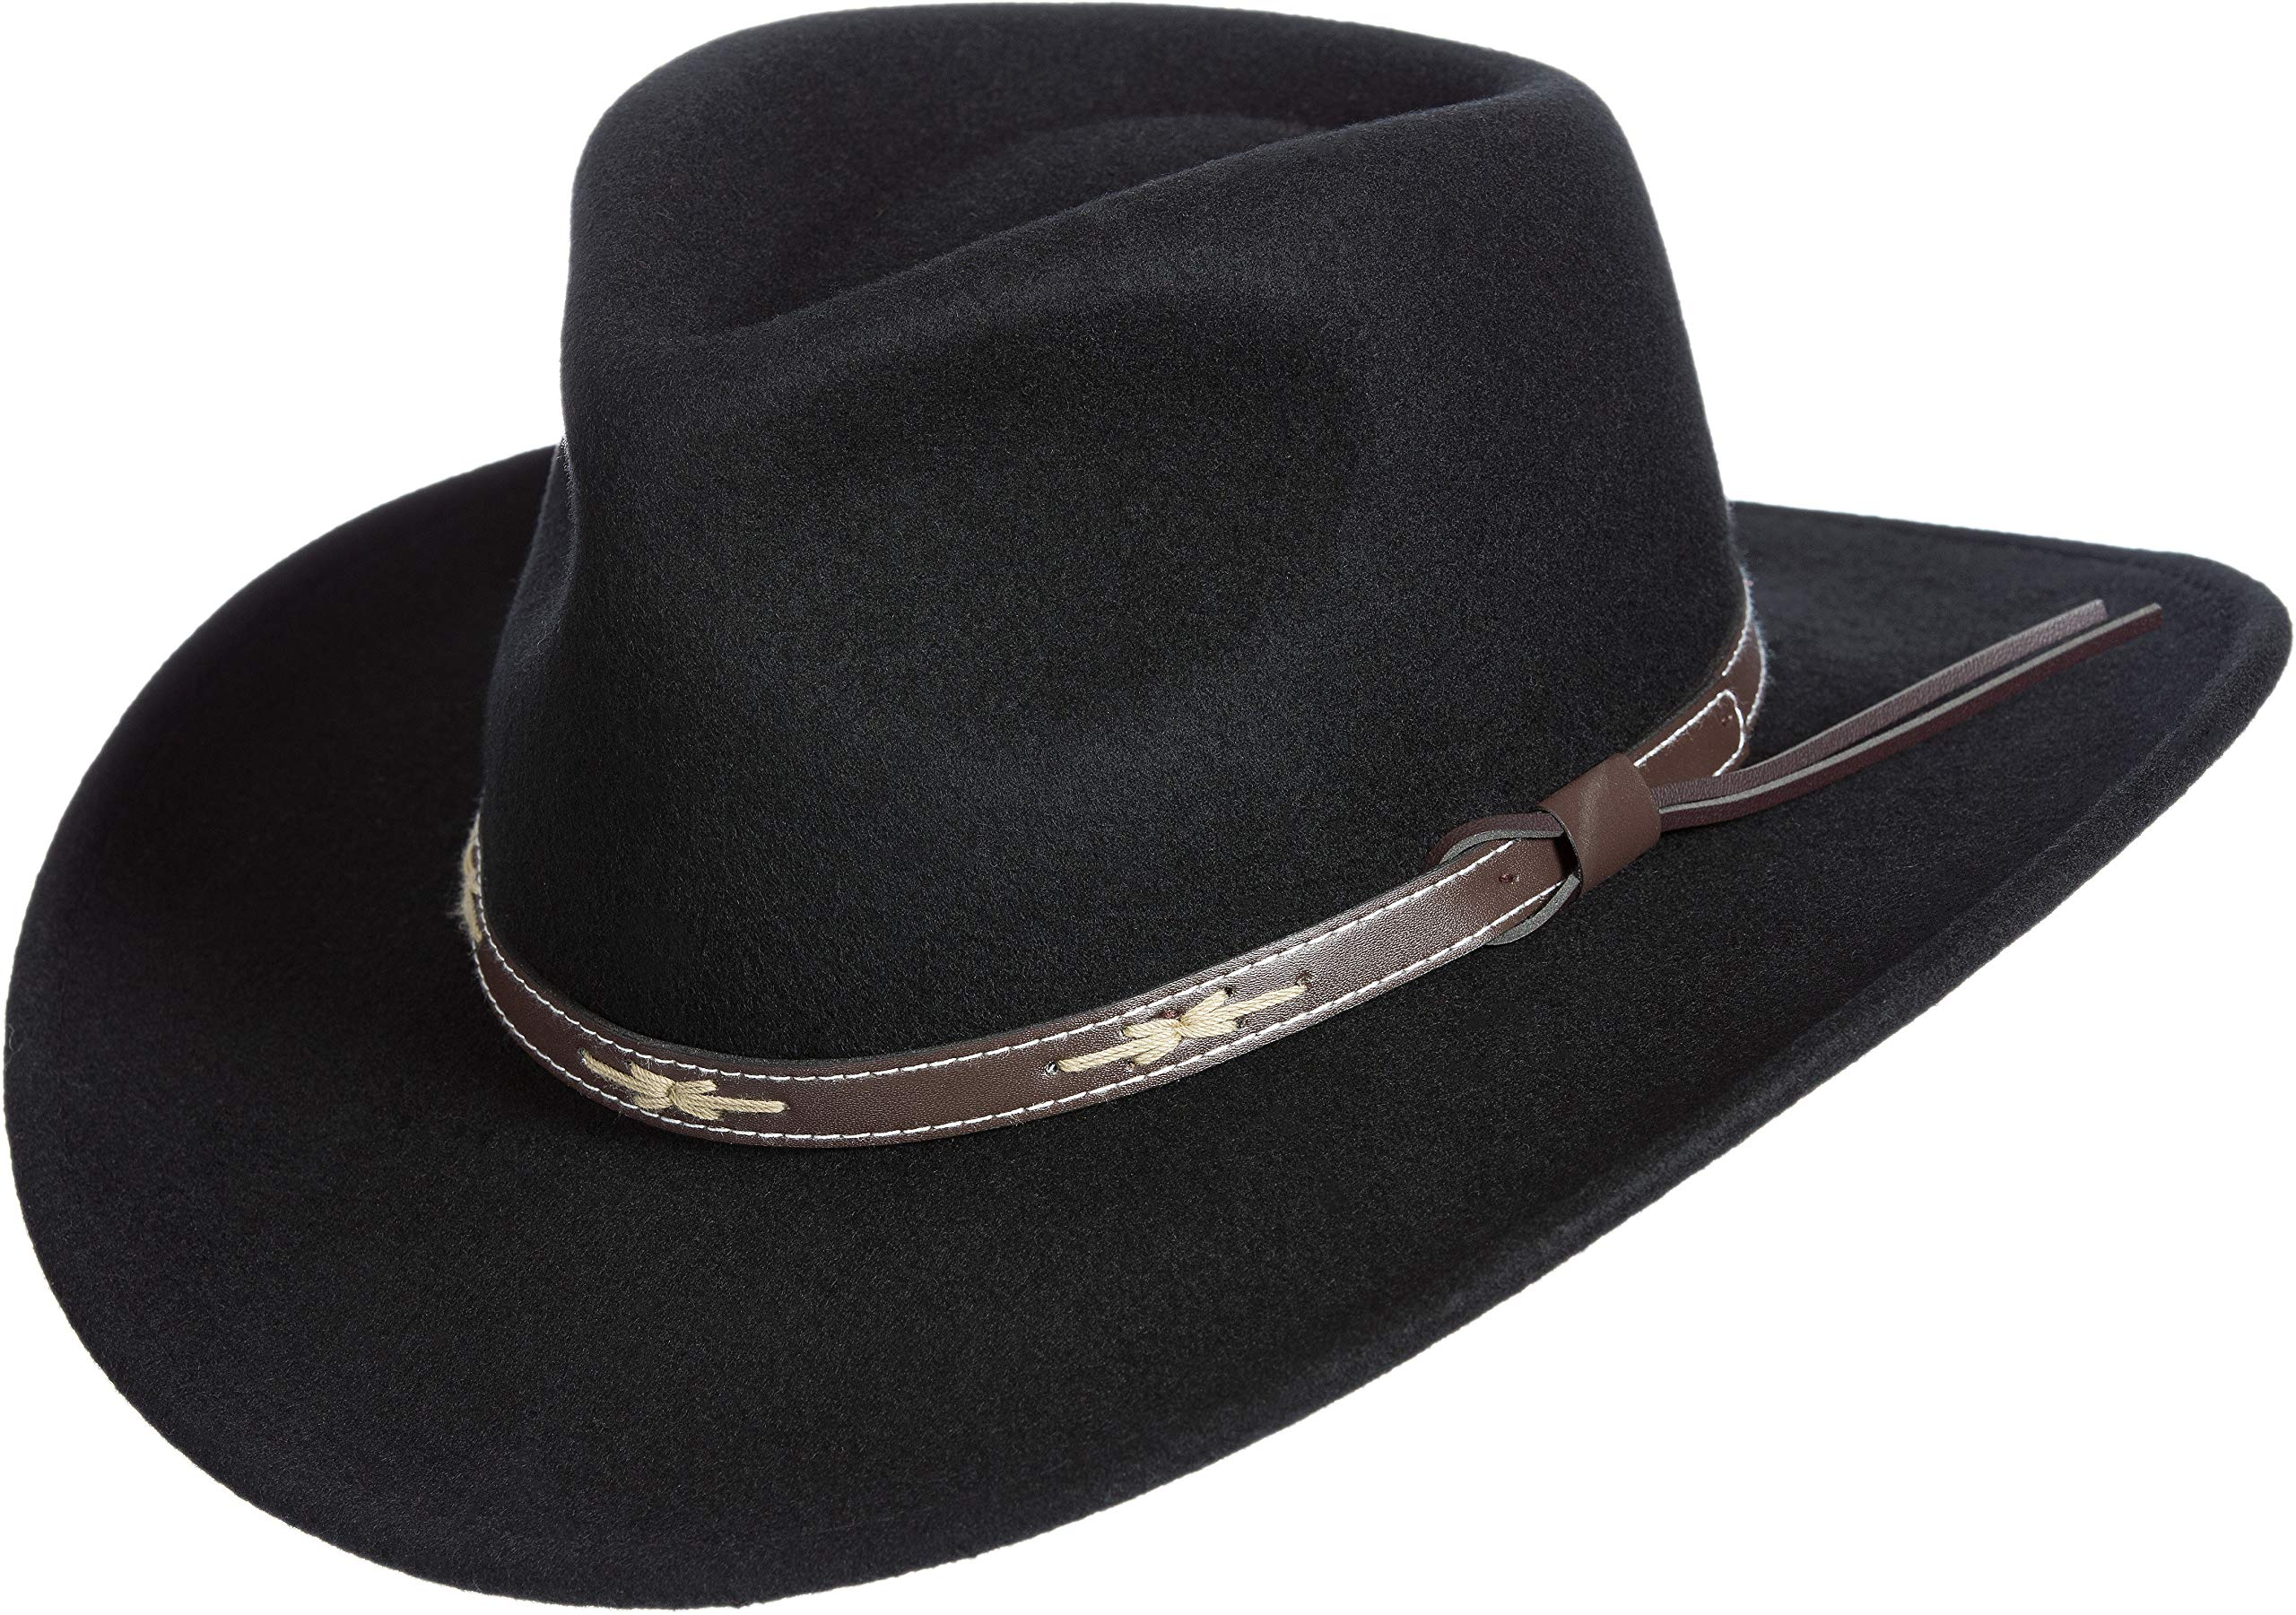 Overland Sheepskin Co Teton Crushable Wool Cowboy Hat Black